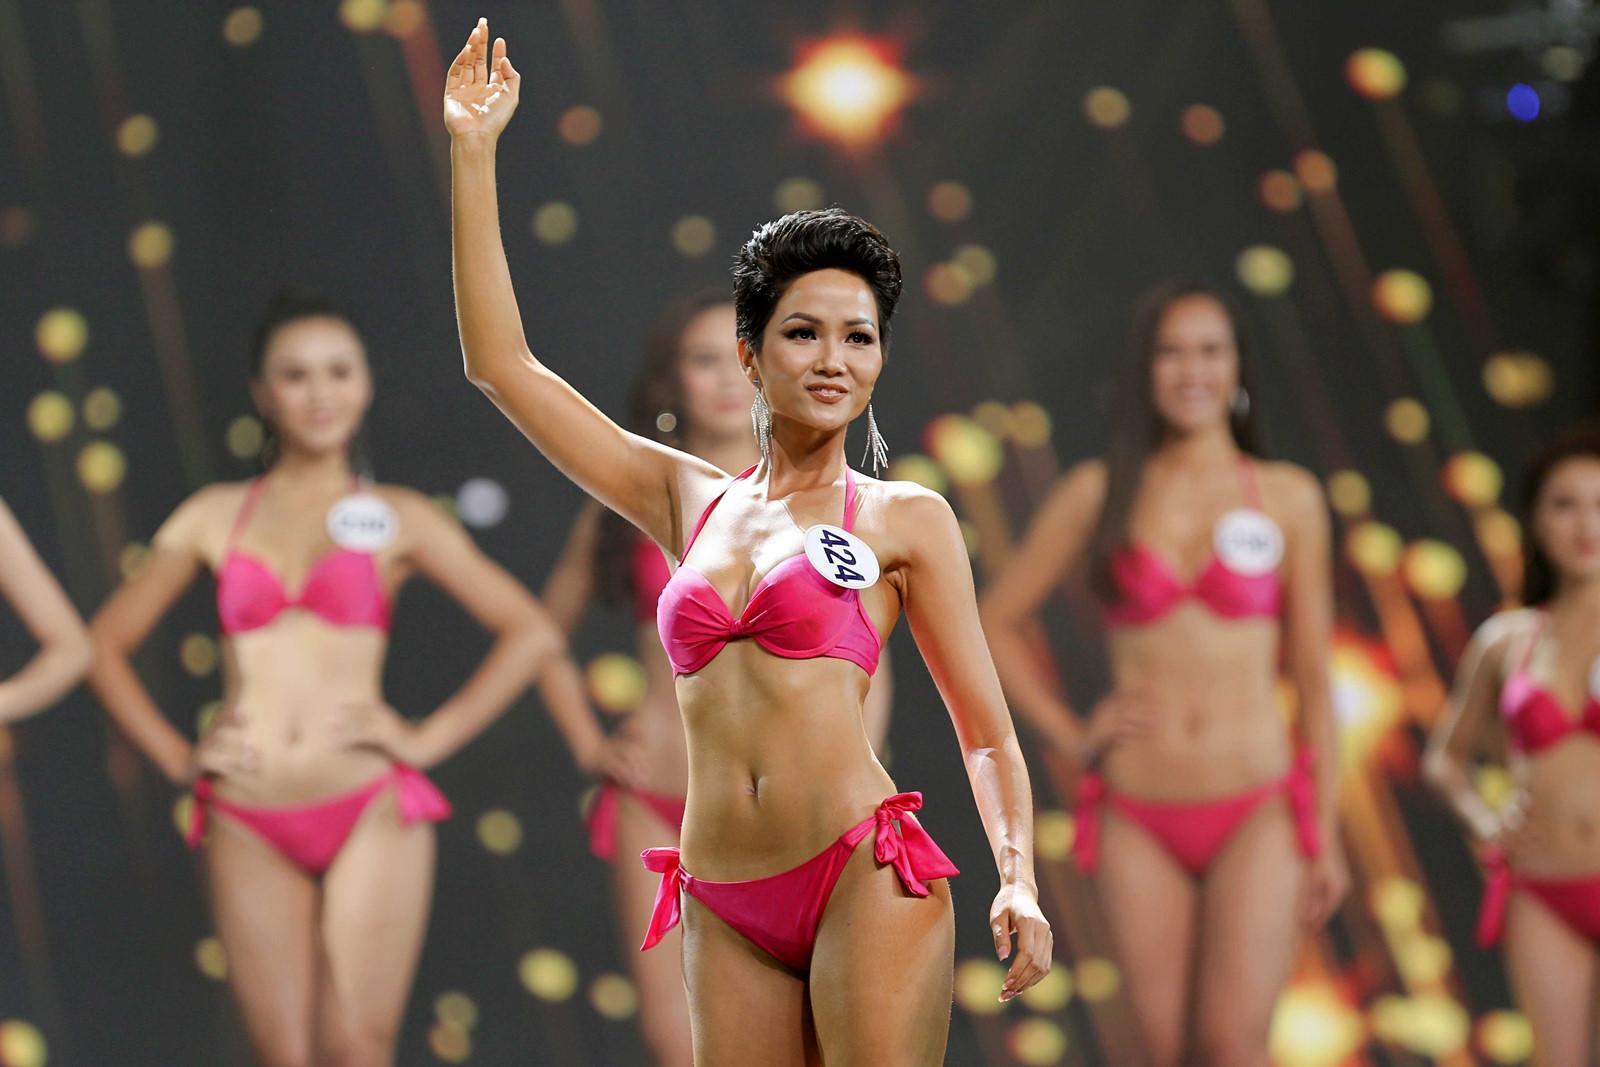 Sở hữu vẻ đẹp quốc tế, HHen Niê có thay đổi được vị thế nhan sắc Việt tại Hoa hậu Hoàn vũ Thế giới 2018?-6